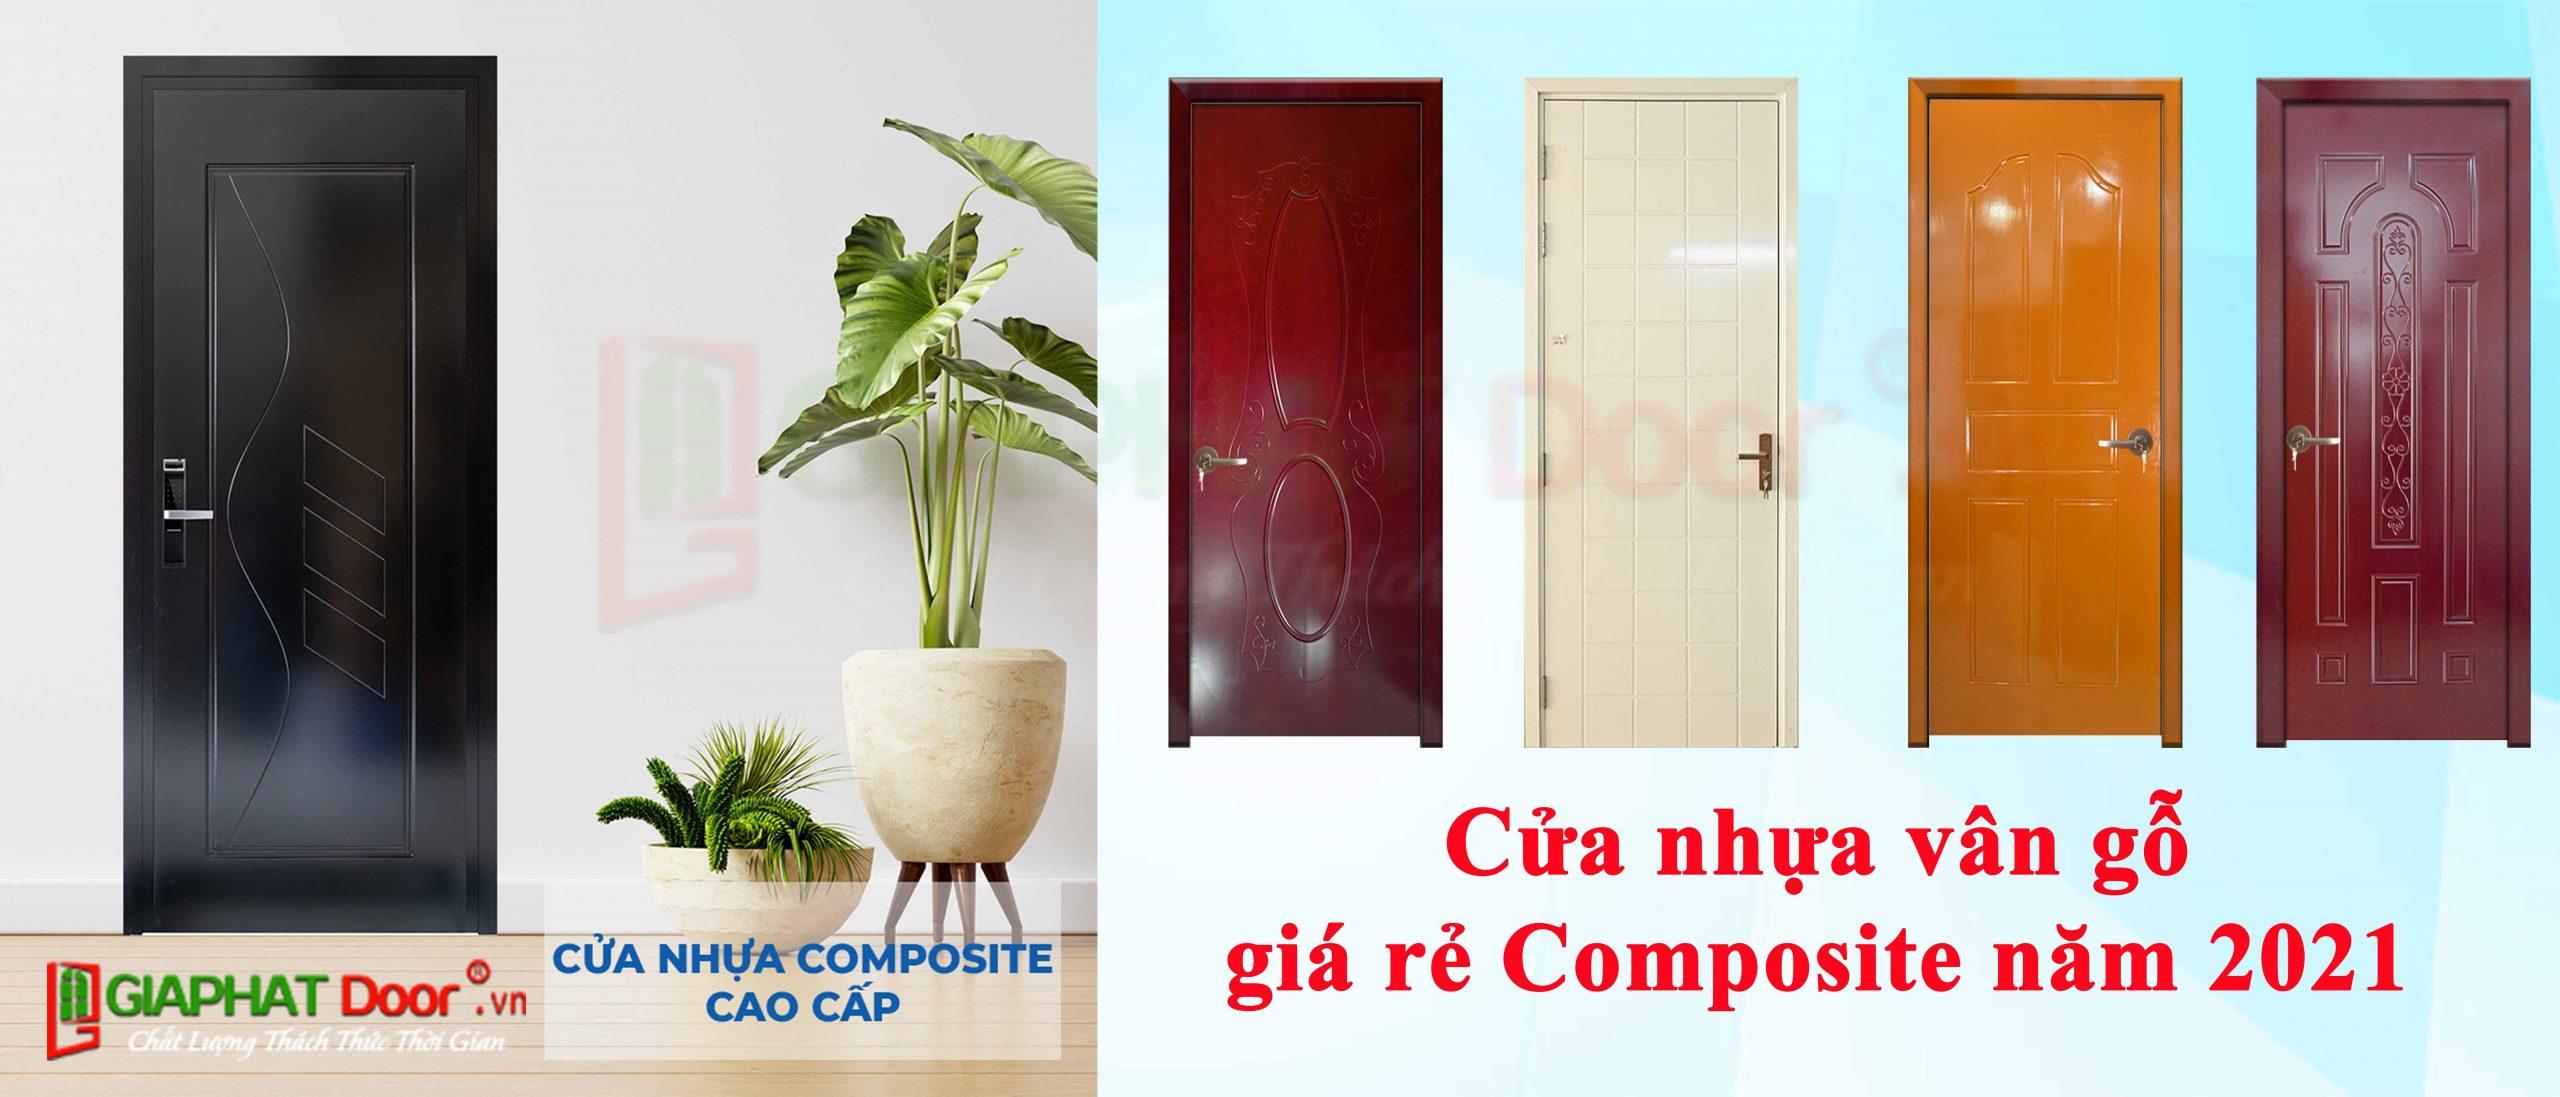 Cửa nhựa vân gỗ giá rẻ Composite dùng cho nhà vệ sinh